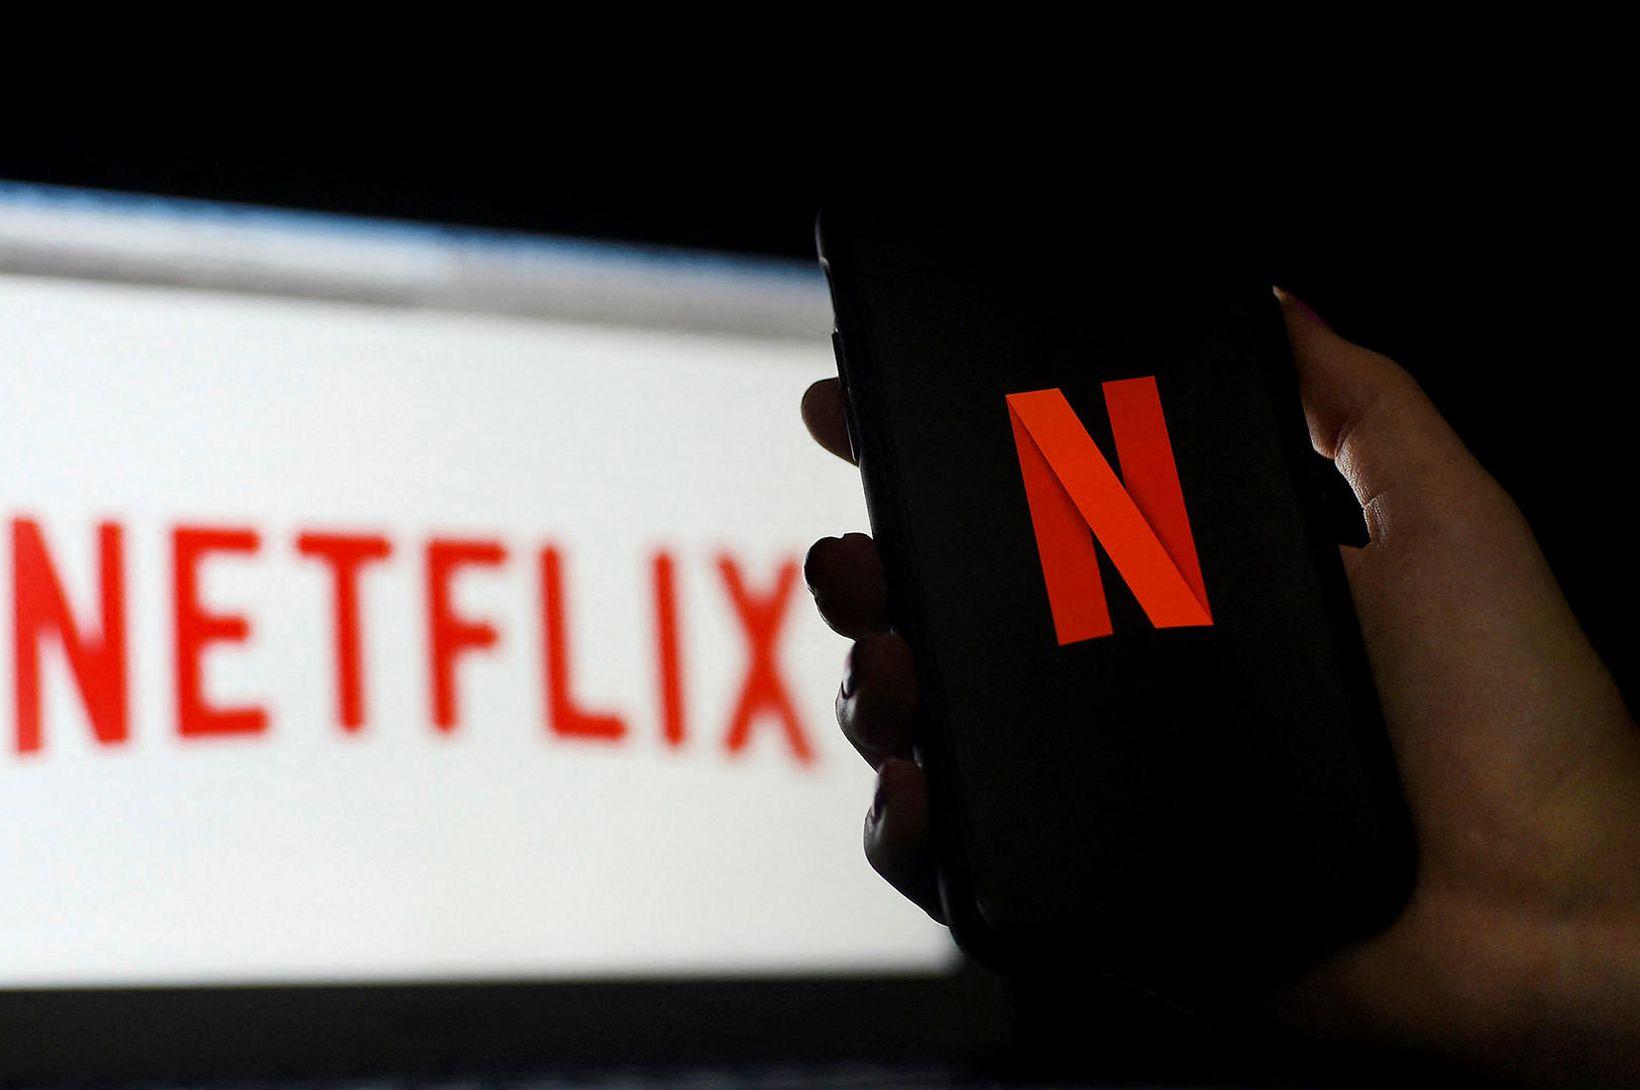 Netflix krefst þess að starfsmenn fái bólusetningu